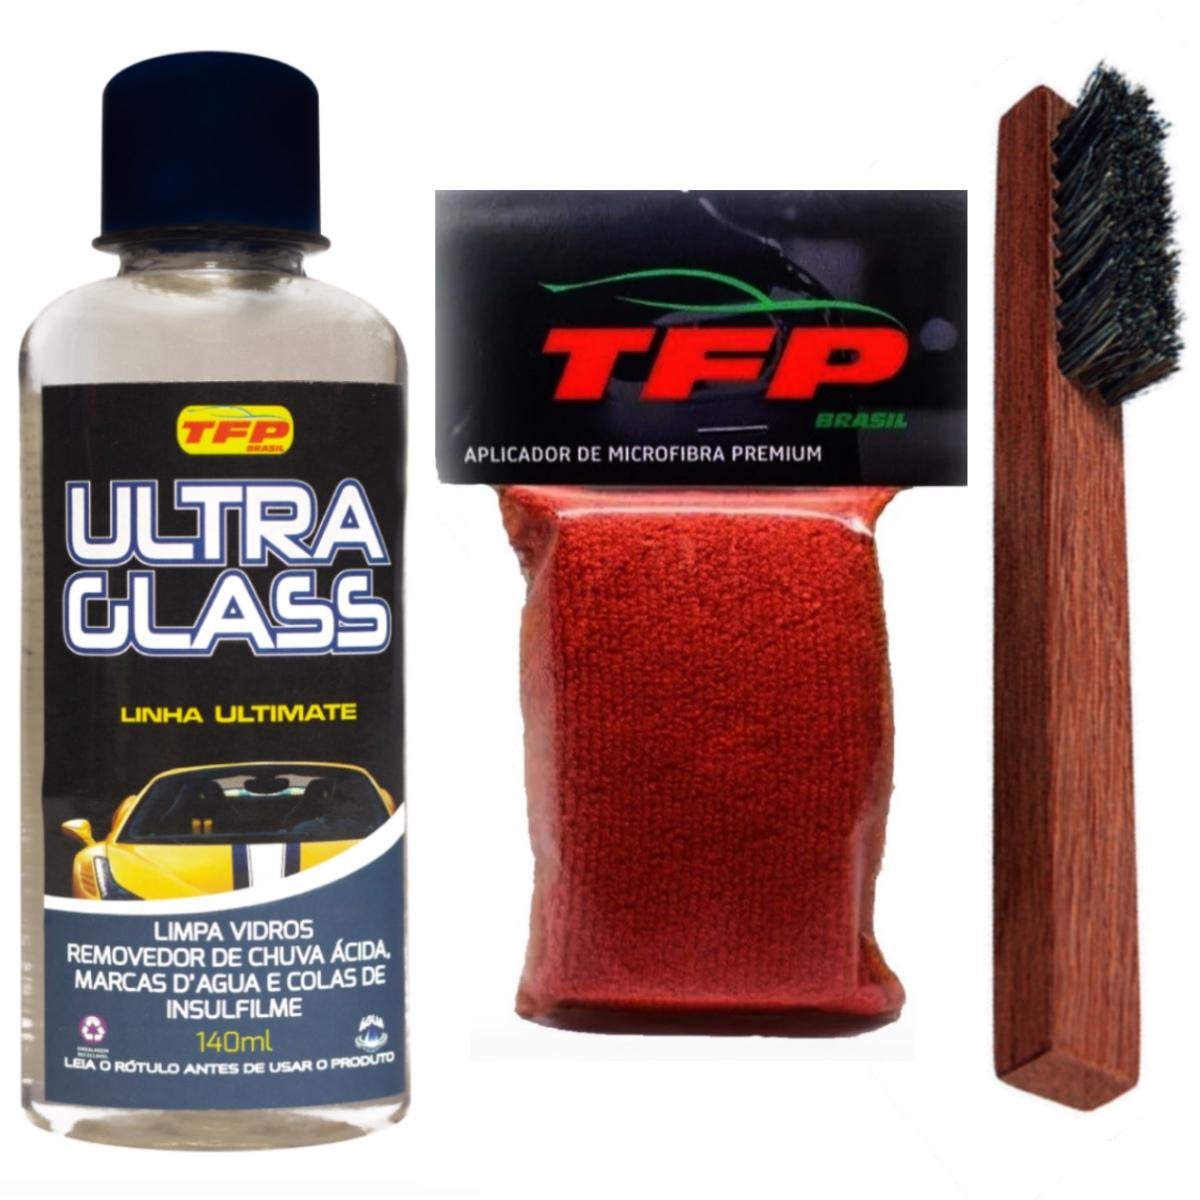 Removedor De Chuva Ácida Ultra Glass + Aplicador e Escova